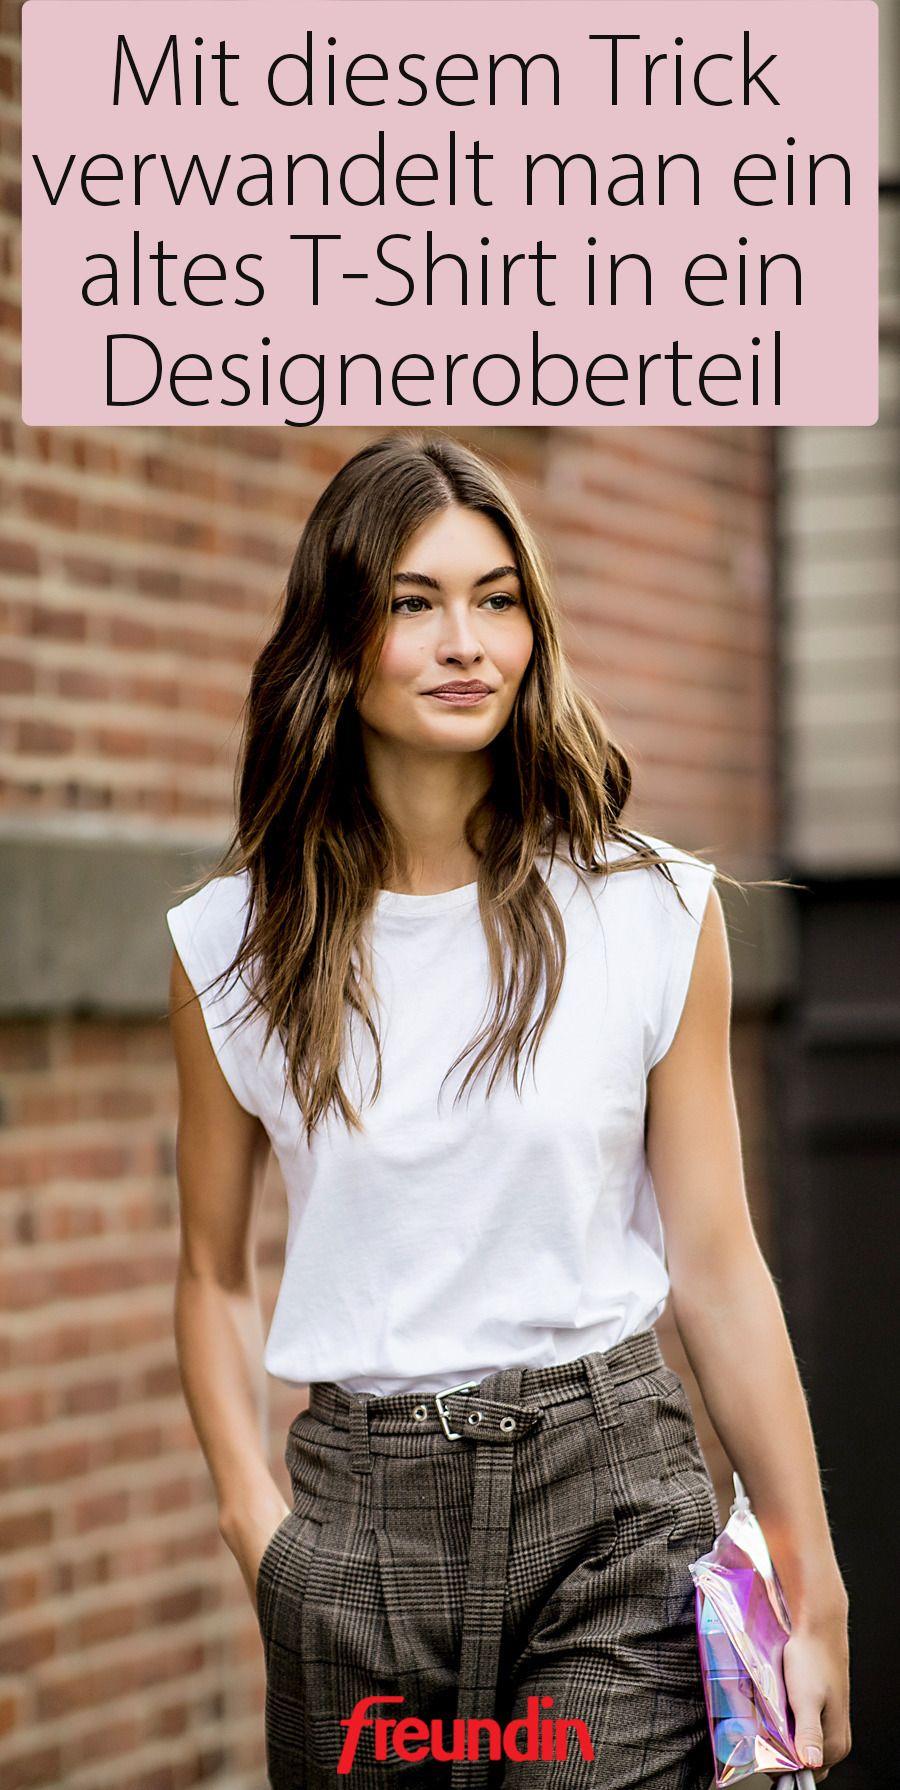 Mit Diesem Trick Sieht Ihr Altes T Shirt Wie Ein Designeroberteil Aus Freundin De In 2020 Fruhling Sommer Trends Mode Fur Vollschlanke Franzosisch Frauen Stil